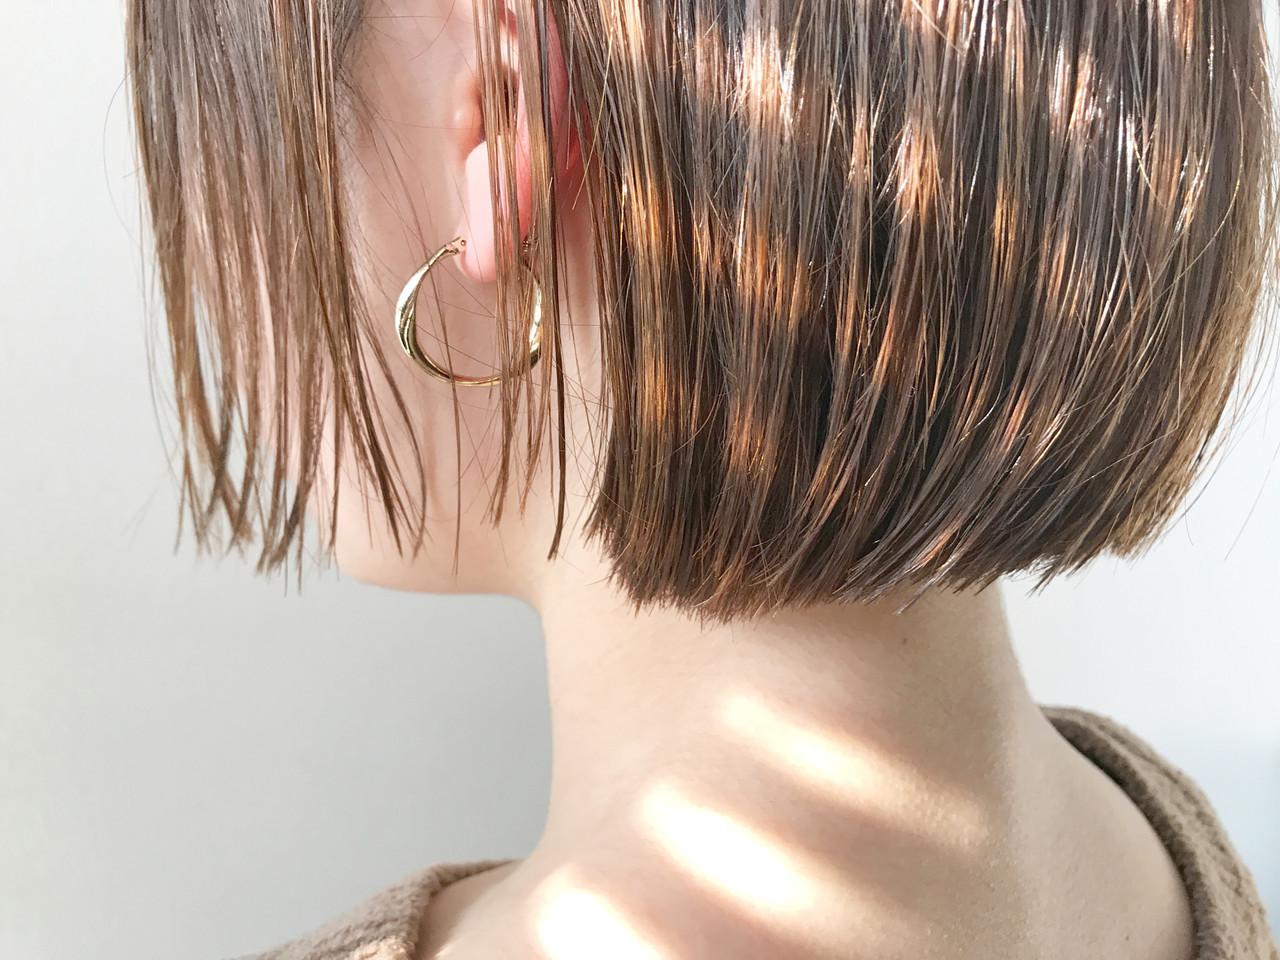 透明感 切りっぱなしボブ ショートボブ ボブ ヘアスタイルや髪型の写真・画像